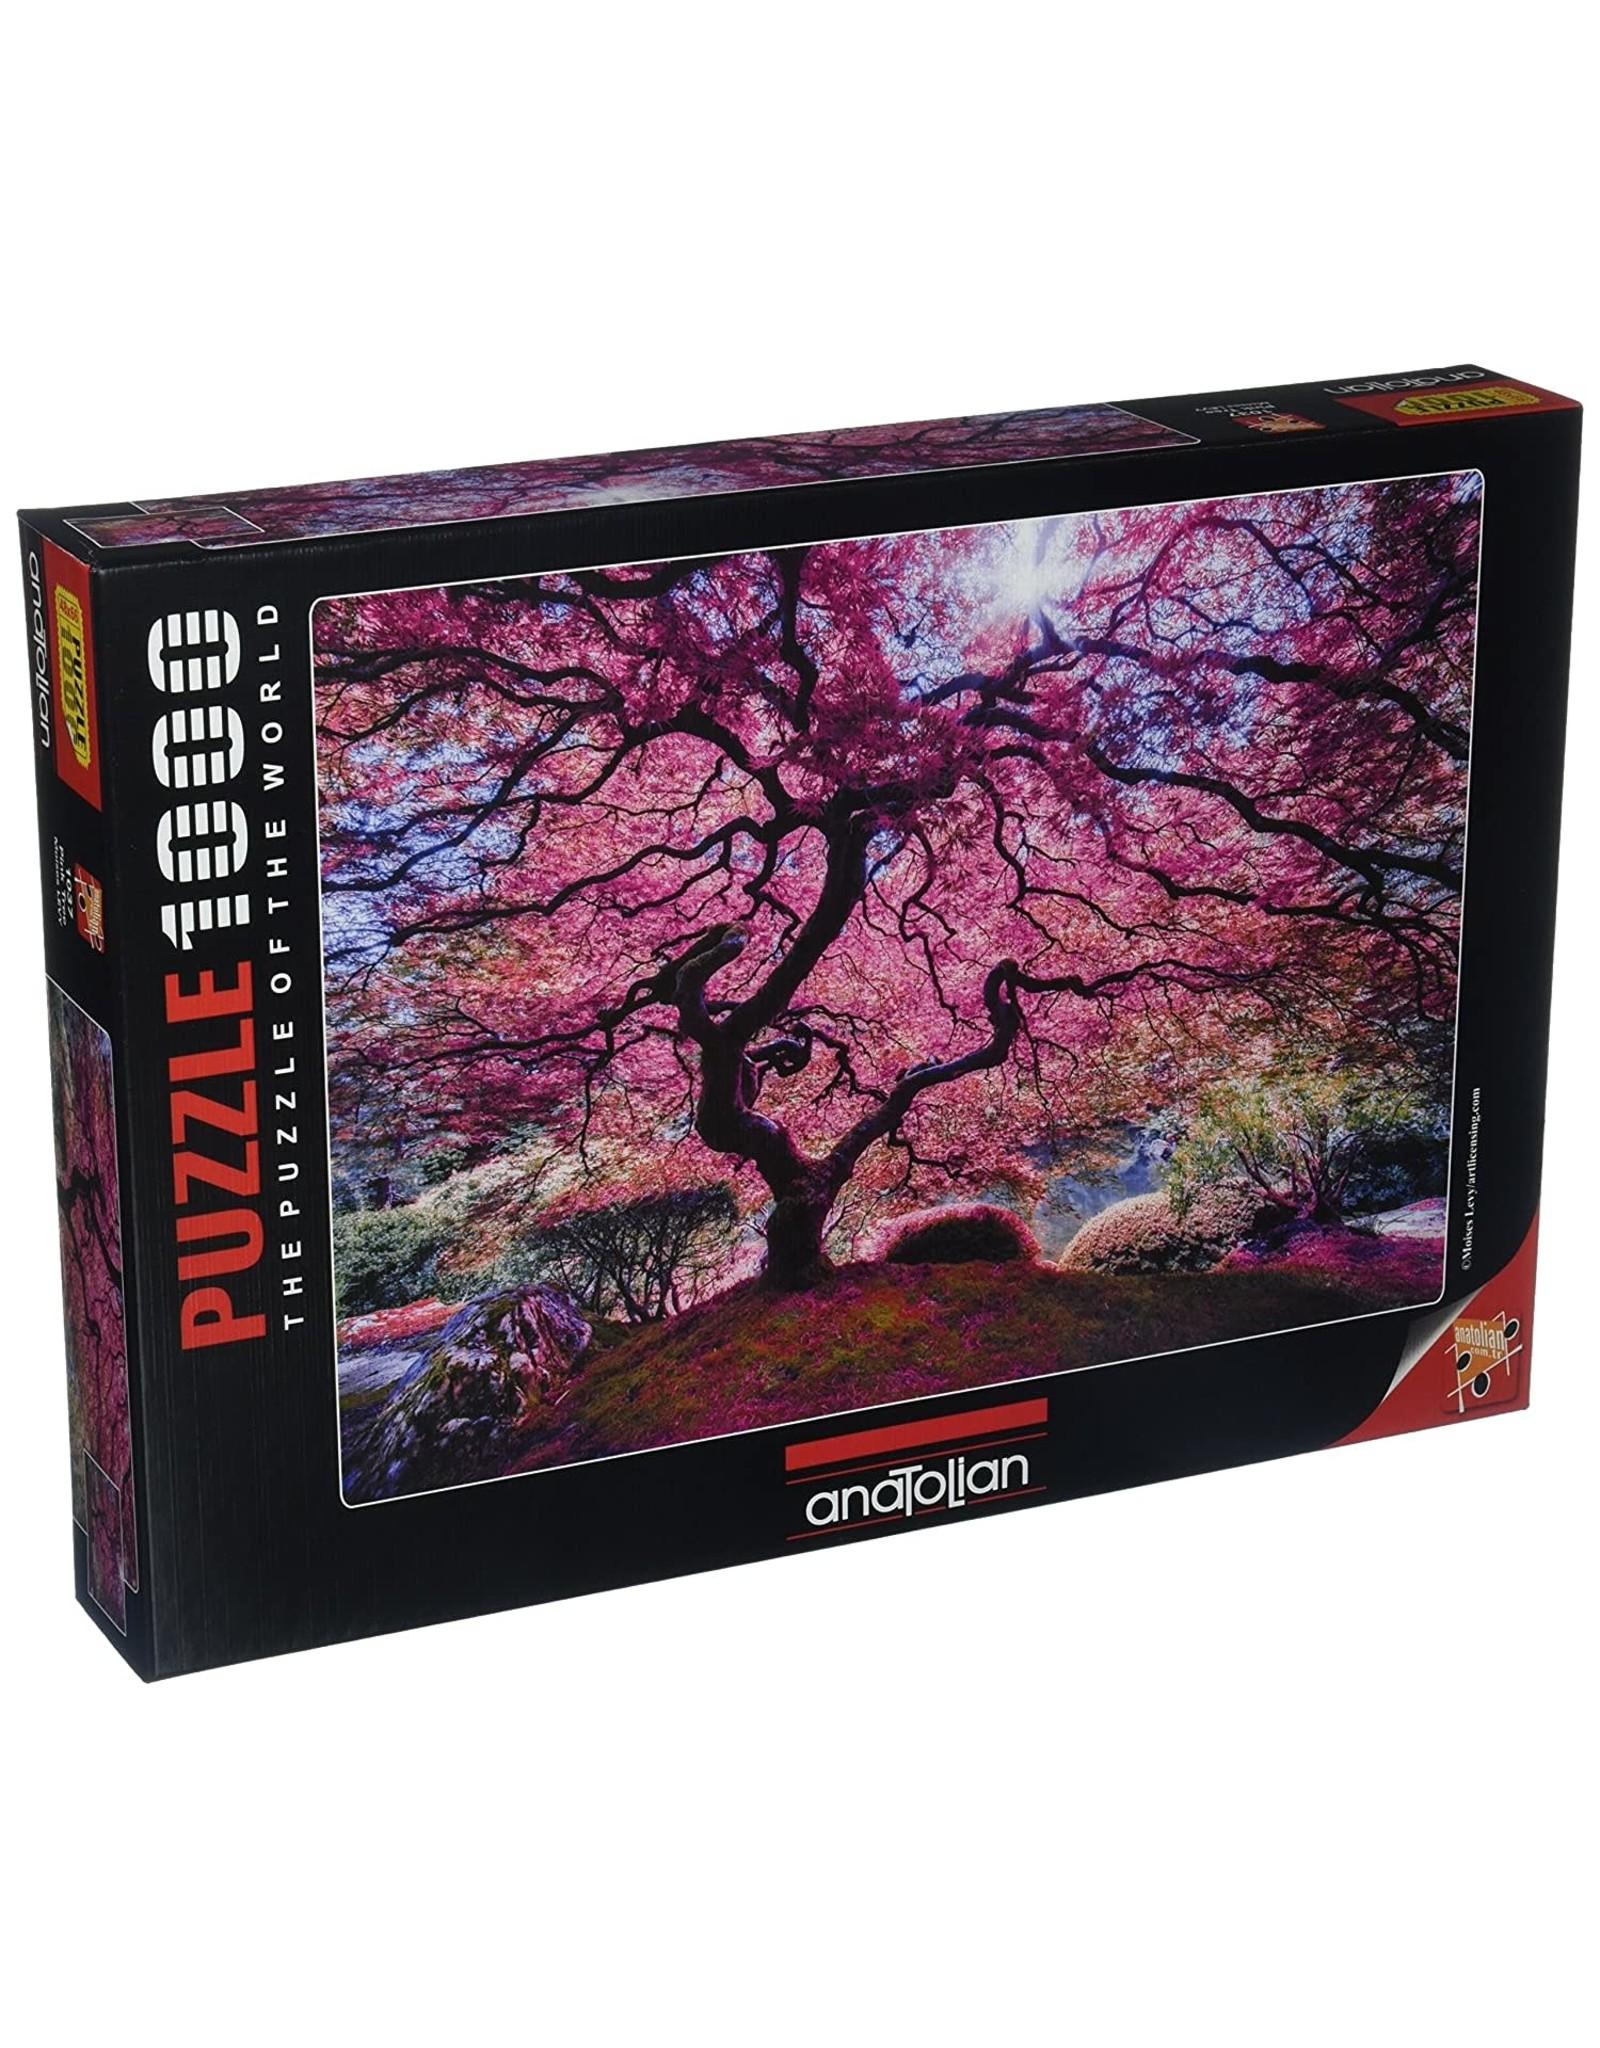 Anatolian 1000PC PUZZLE - PINK TREE